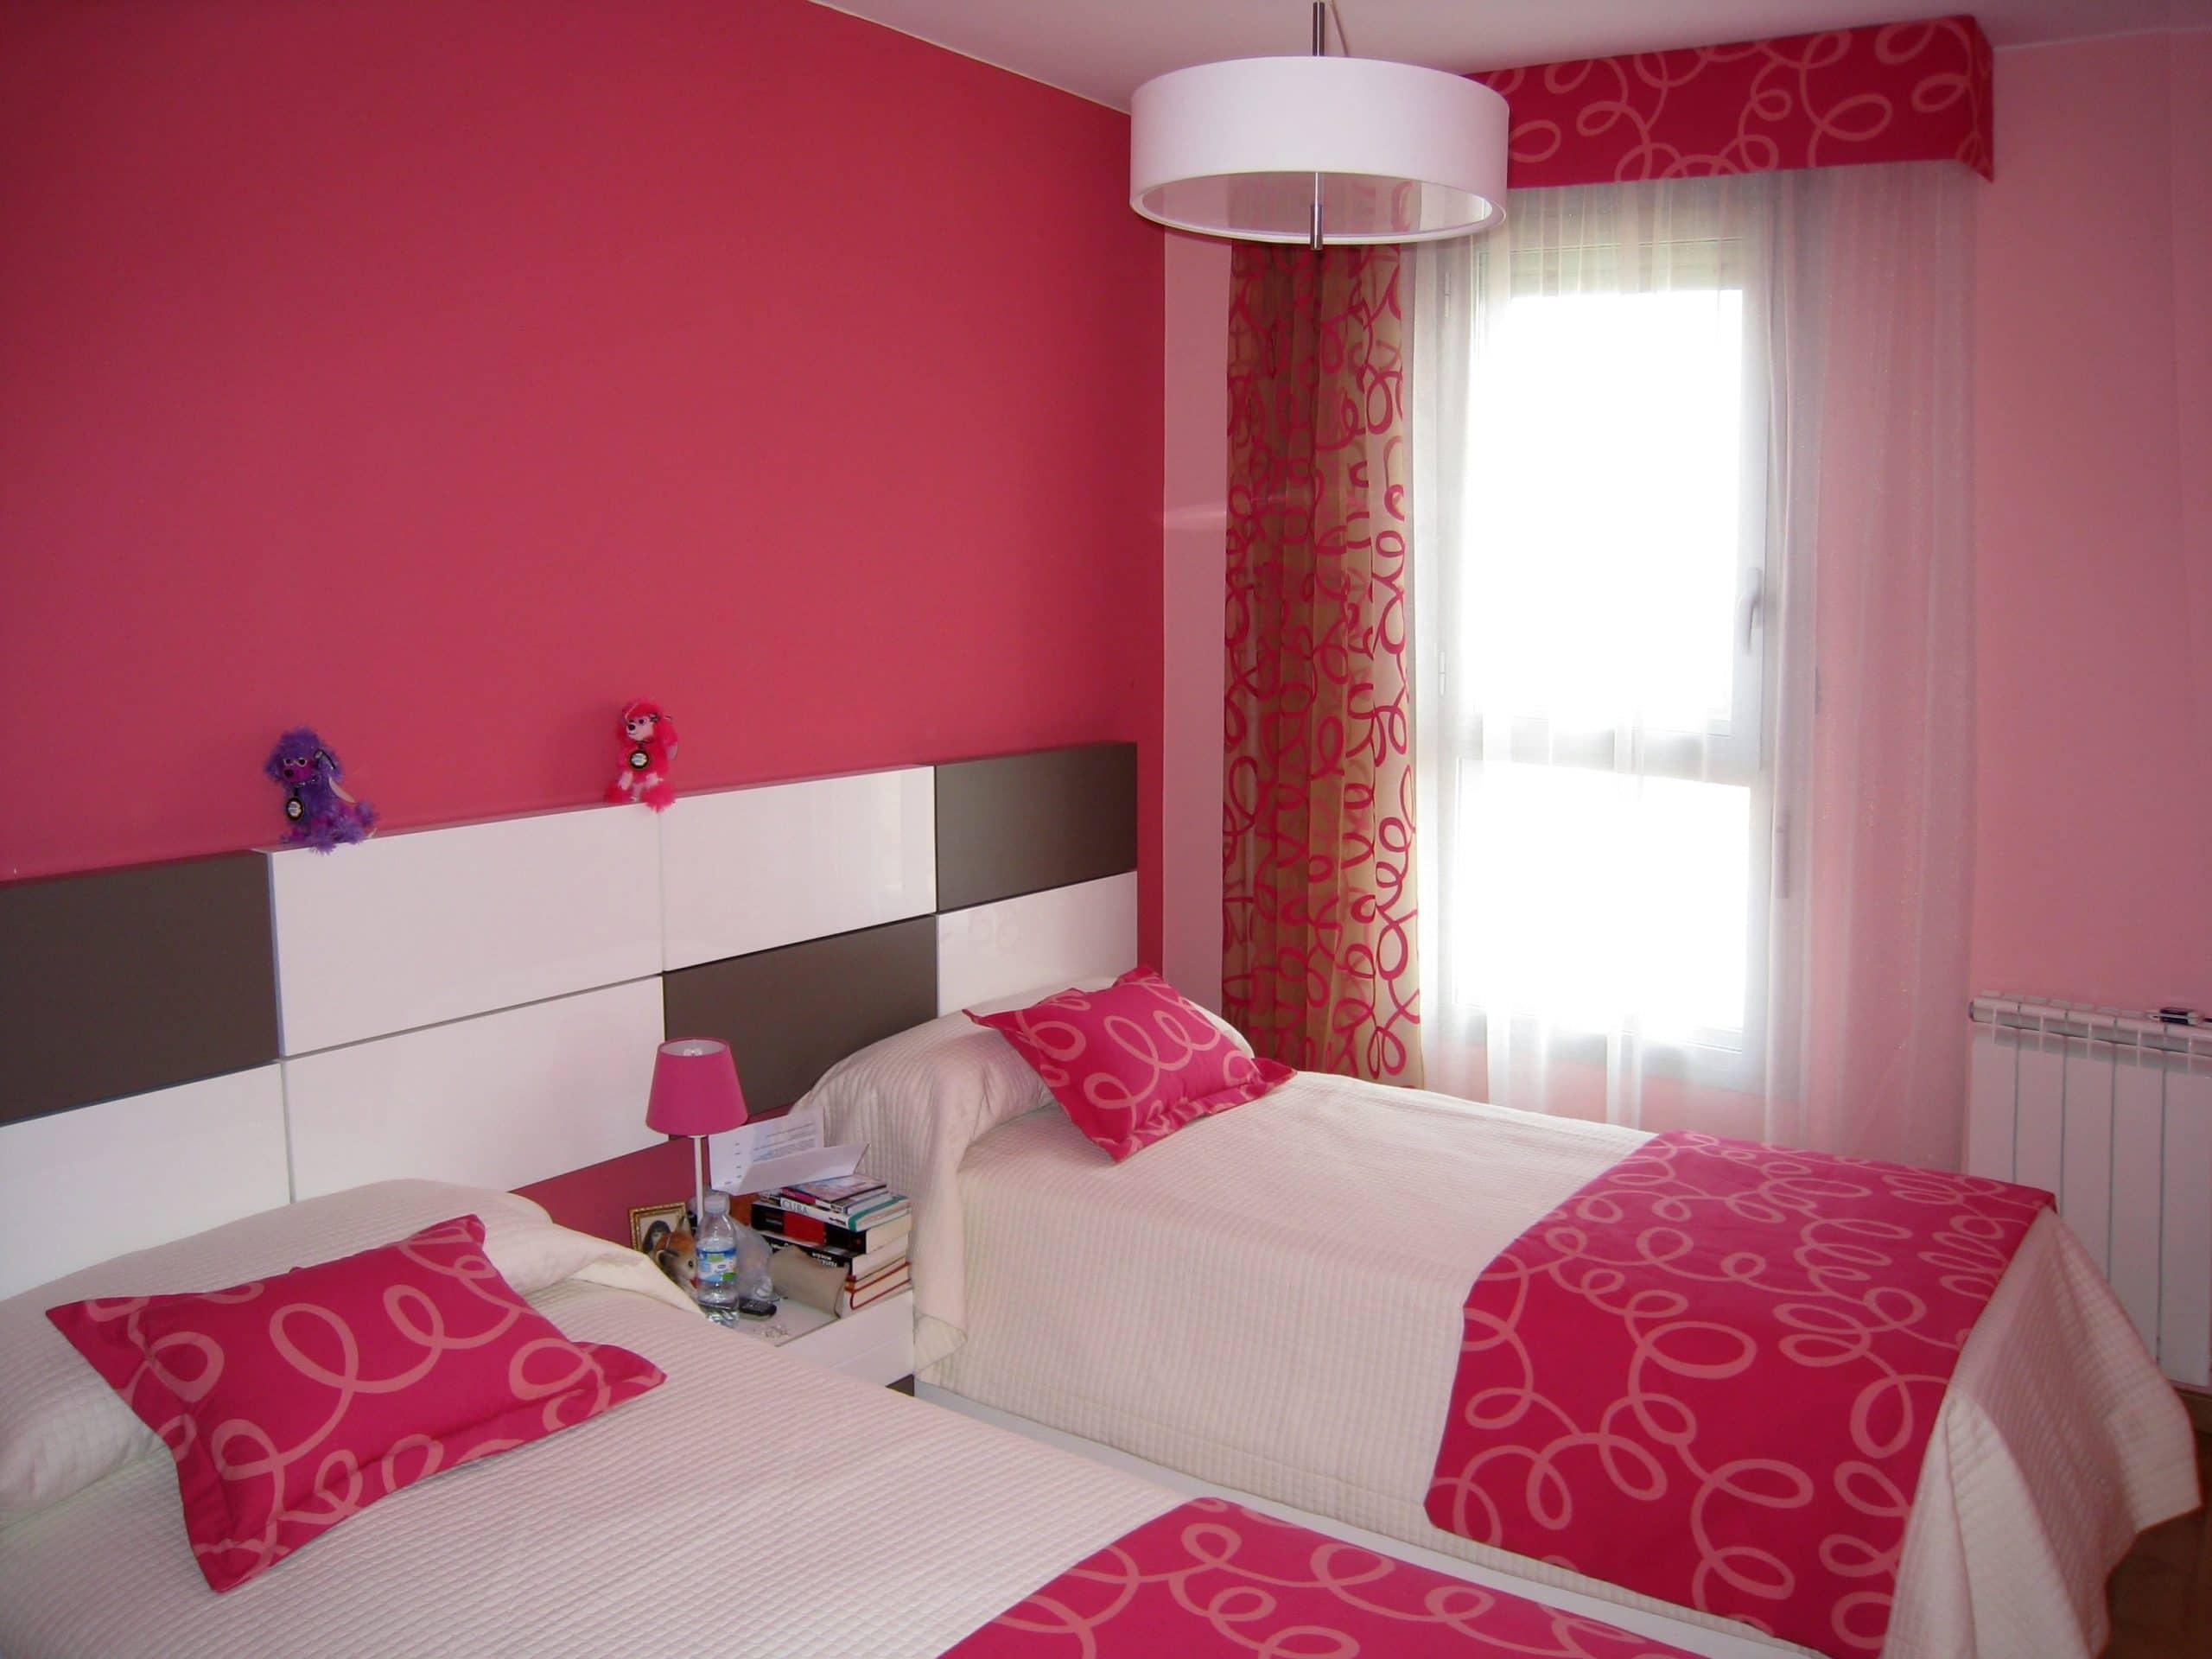 Elige la mejor cortina para tu dormitorio - Decoracion de habitacion juvenil ...